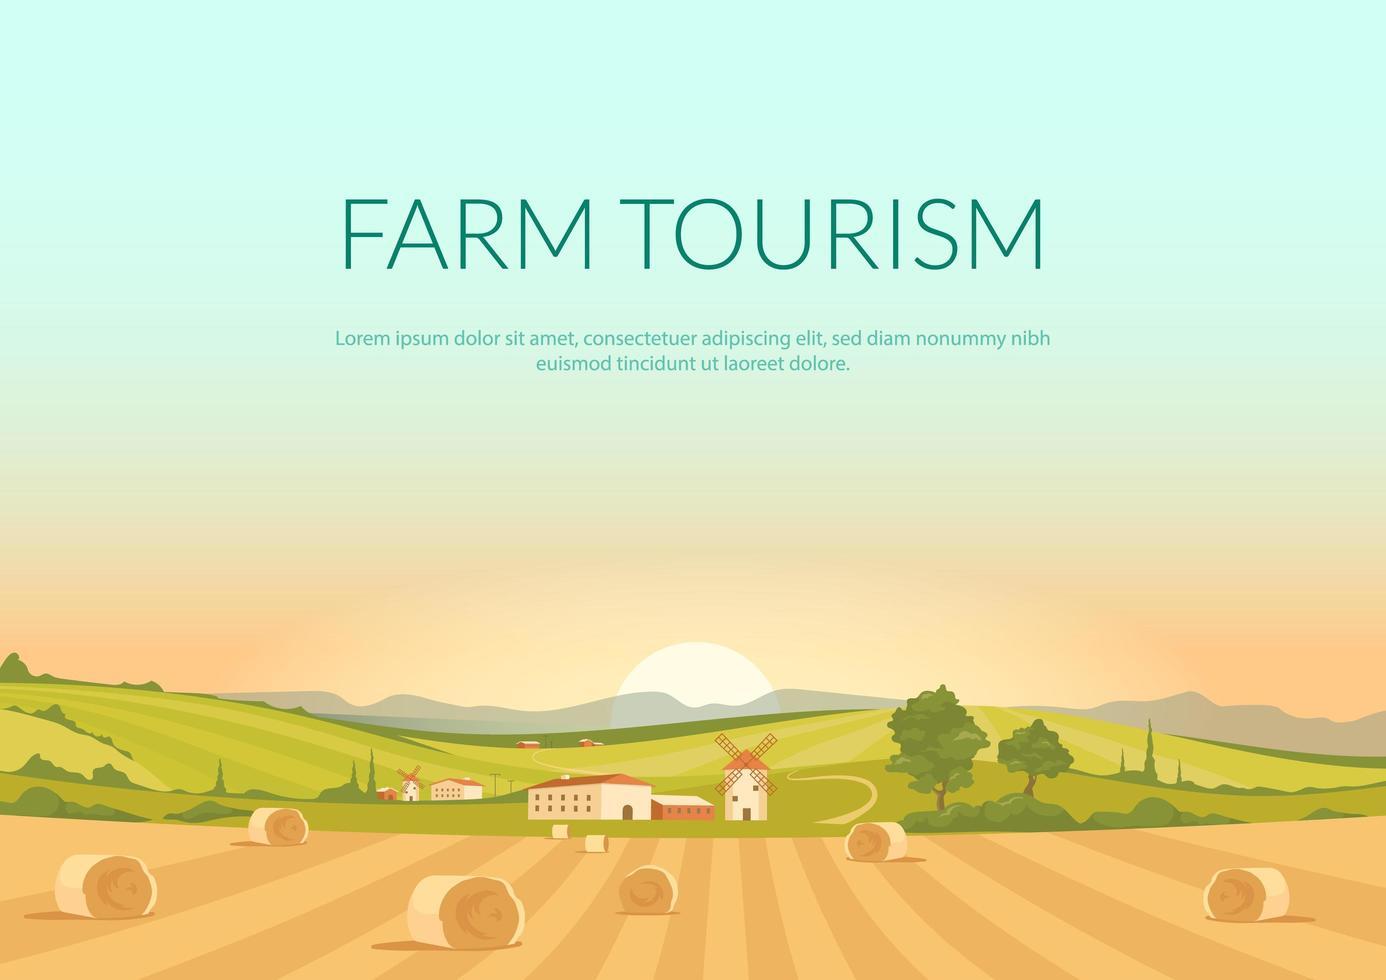 cartel de turismo agrícola vector